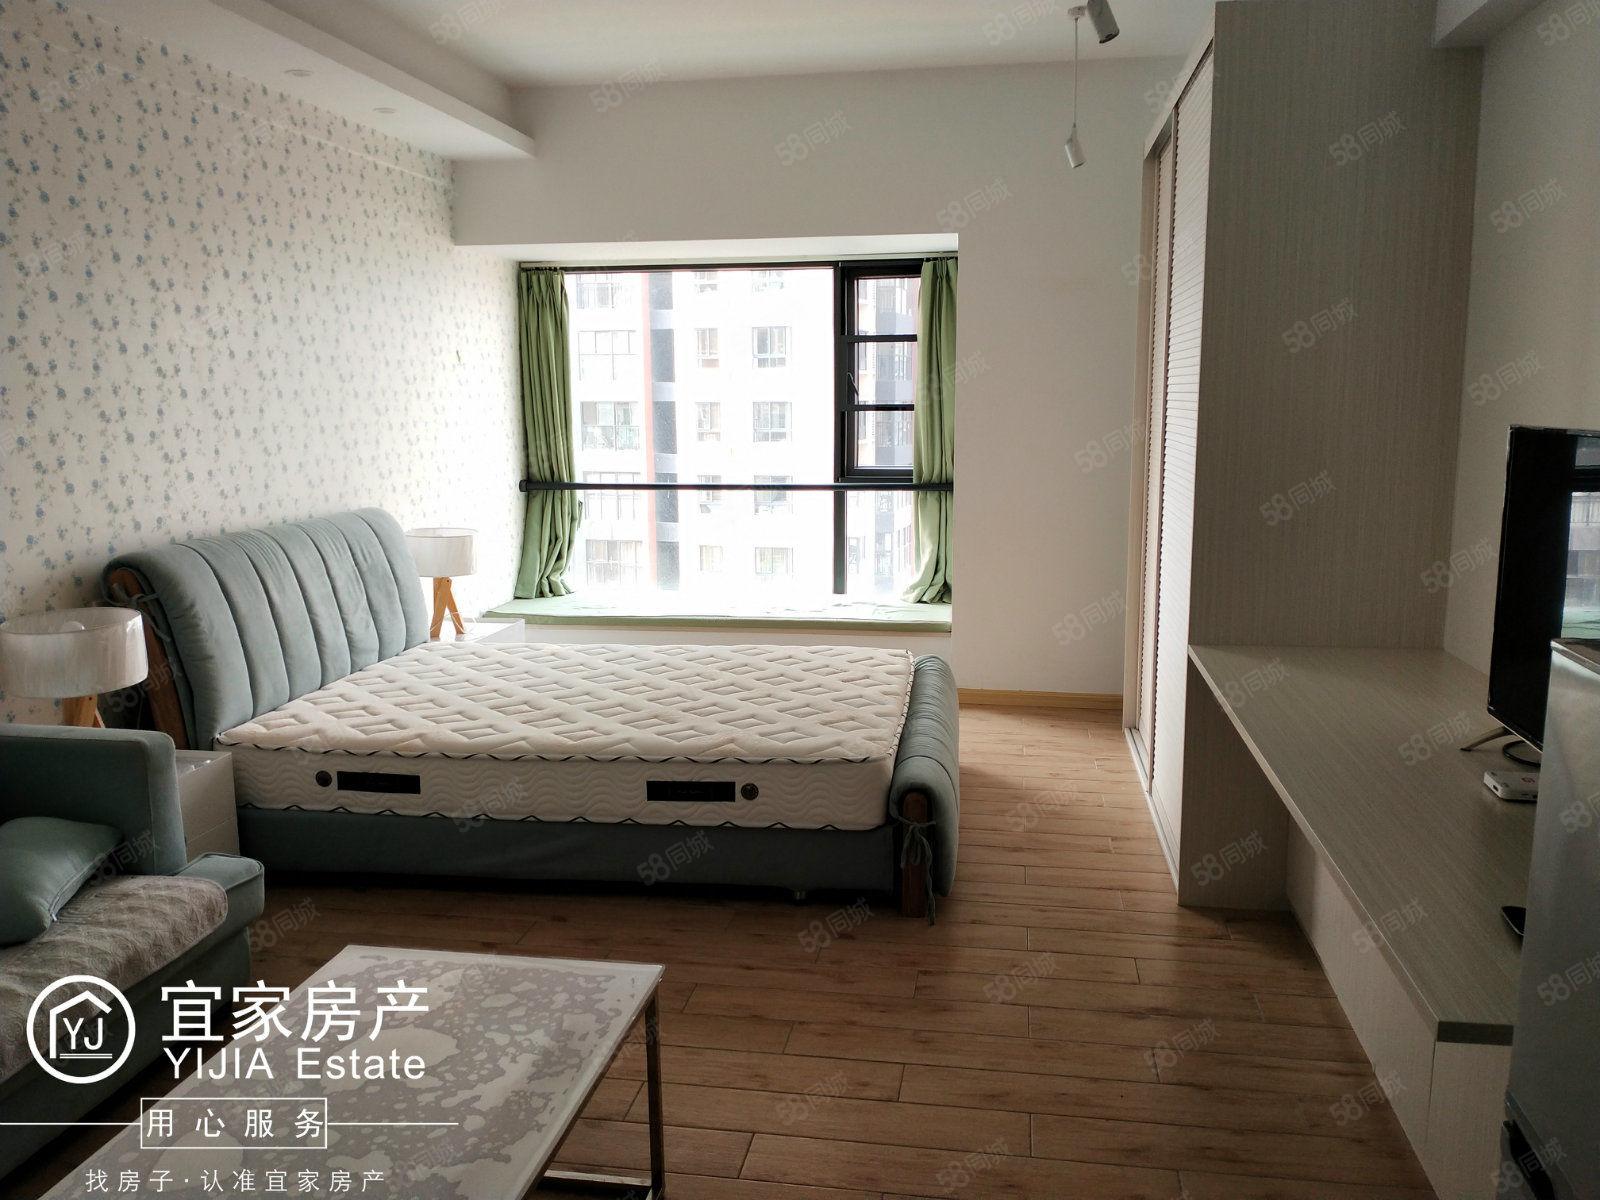 时代广场三期、单身公寓精装修、带着全套家具家电、含水电网物费